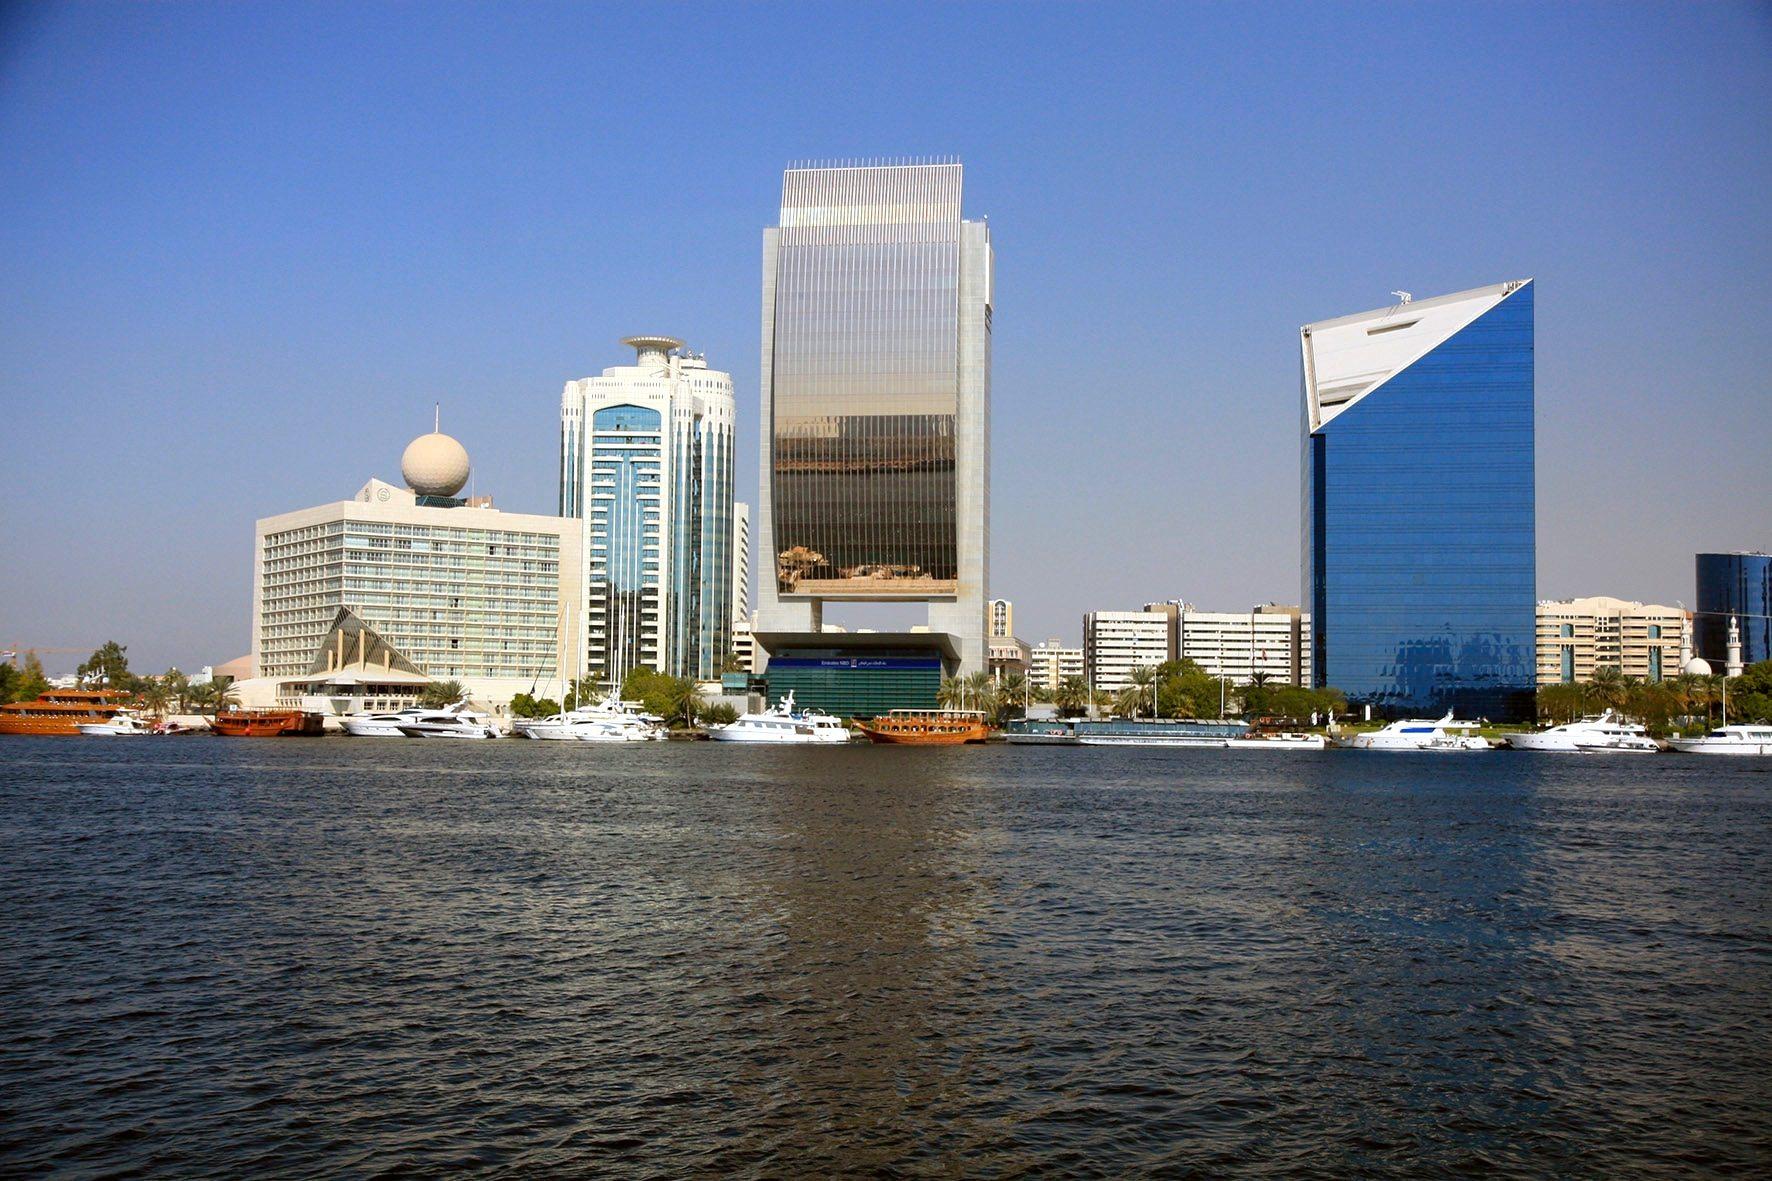 Statements am Creek. Das Etisalat-Gebäude mit der Kugel (ganz links), das Sheraton (von Rader Mileto Associates), die Zentrale der National Bank of Dubai mit dem Goldsegel und rechts die Chambers of Commerce.